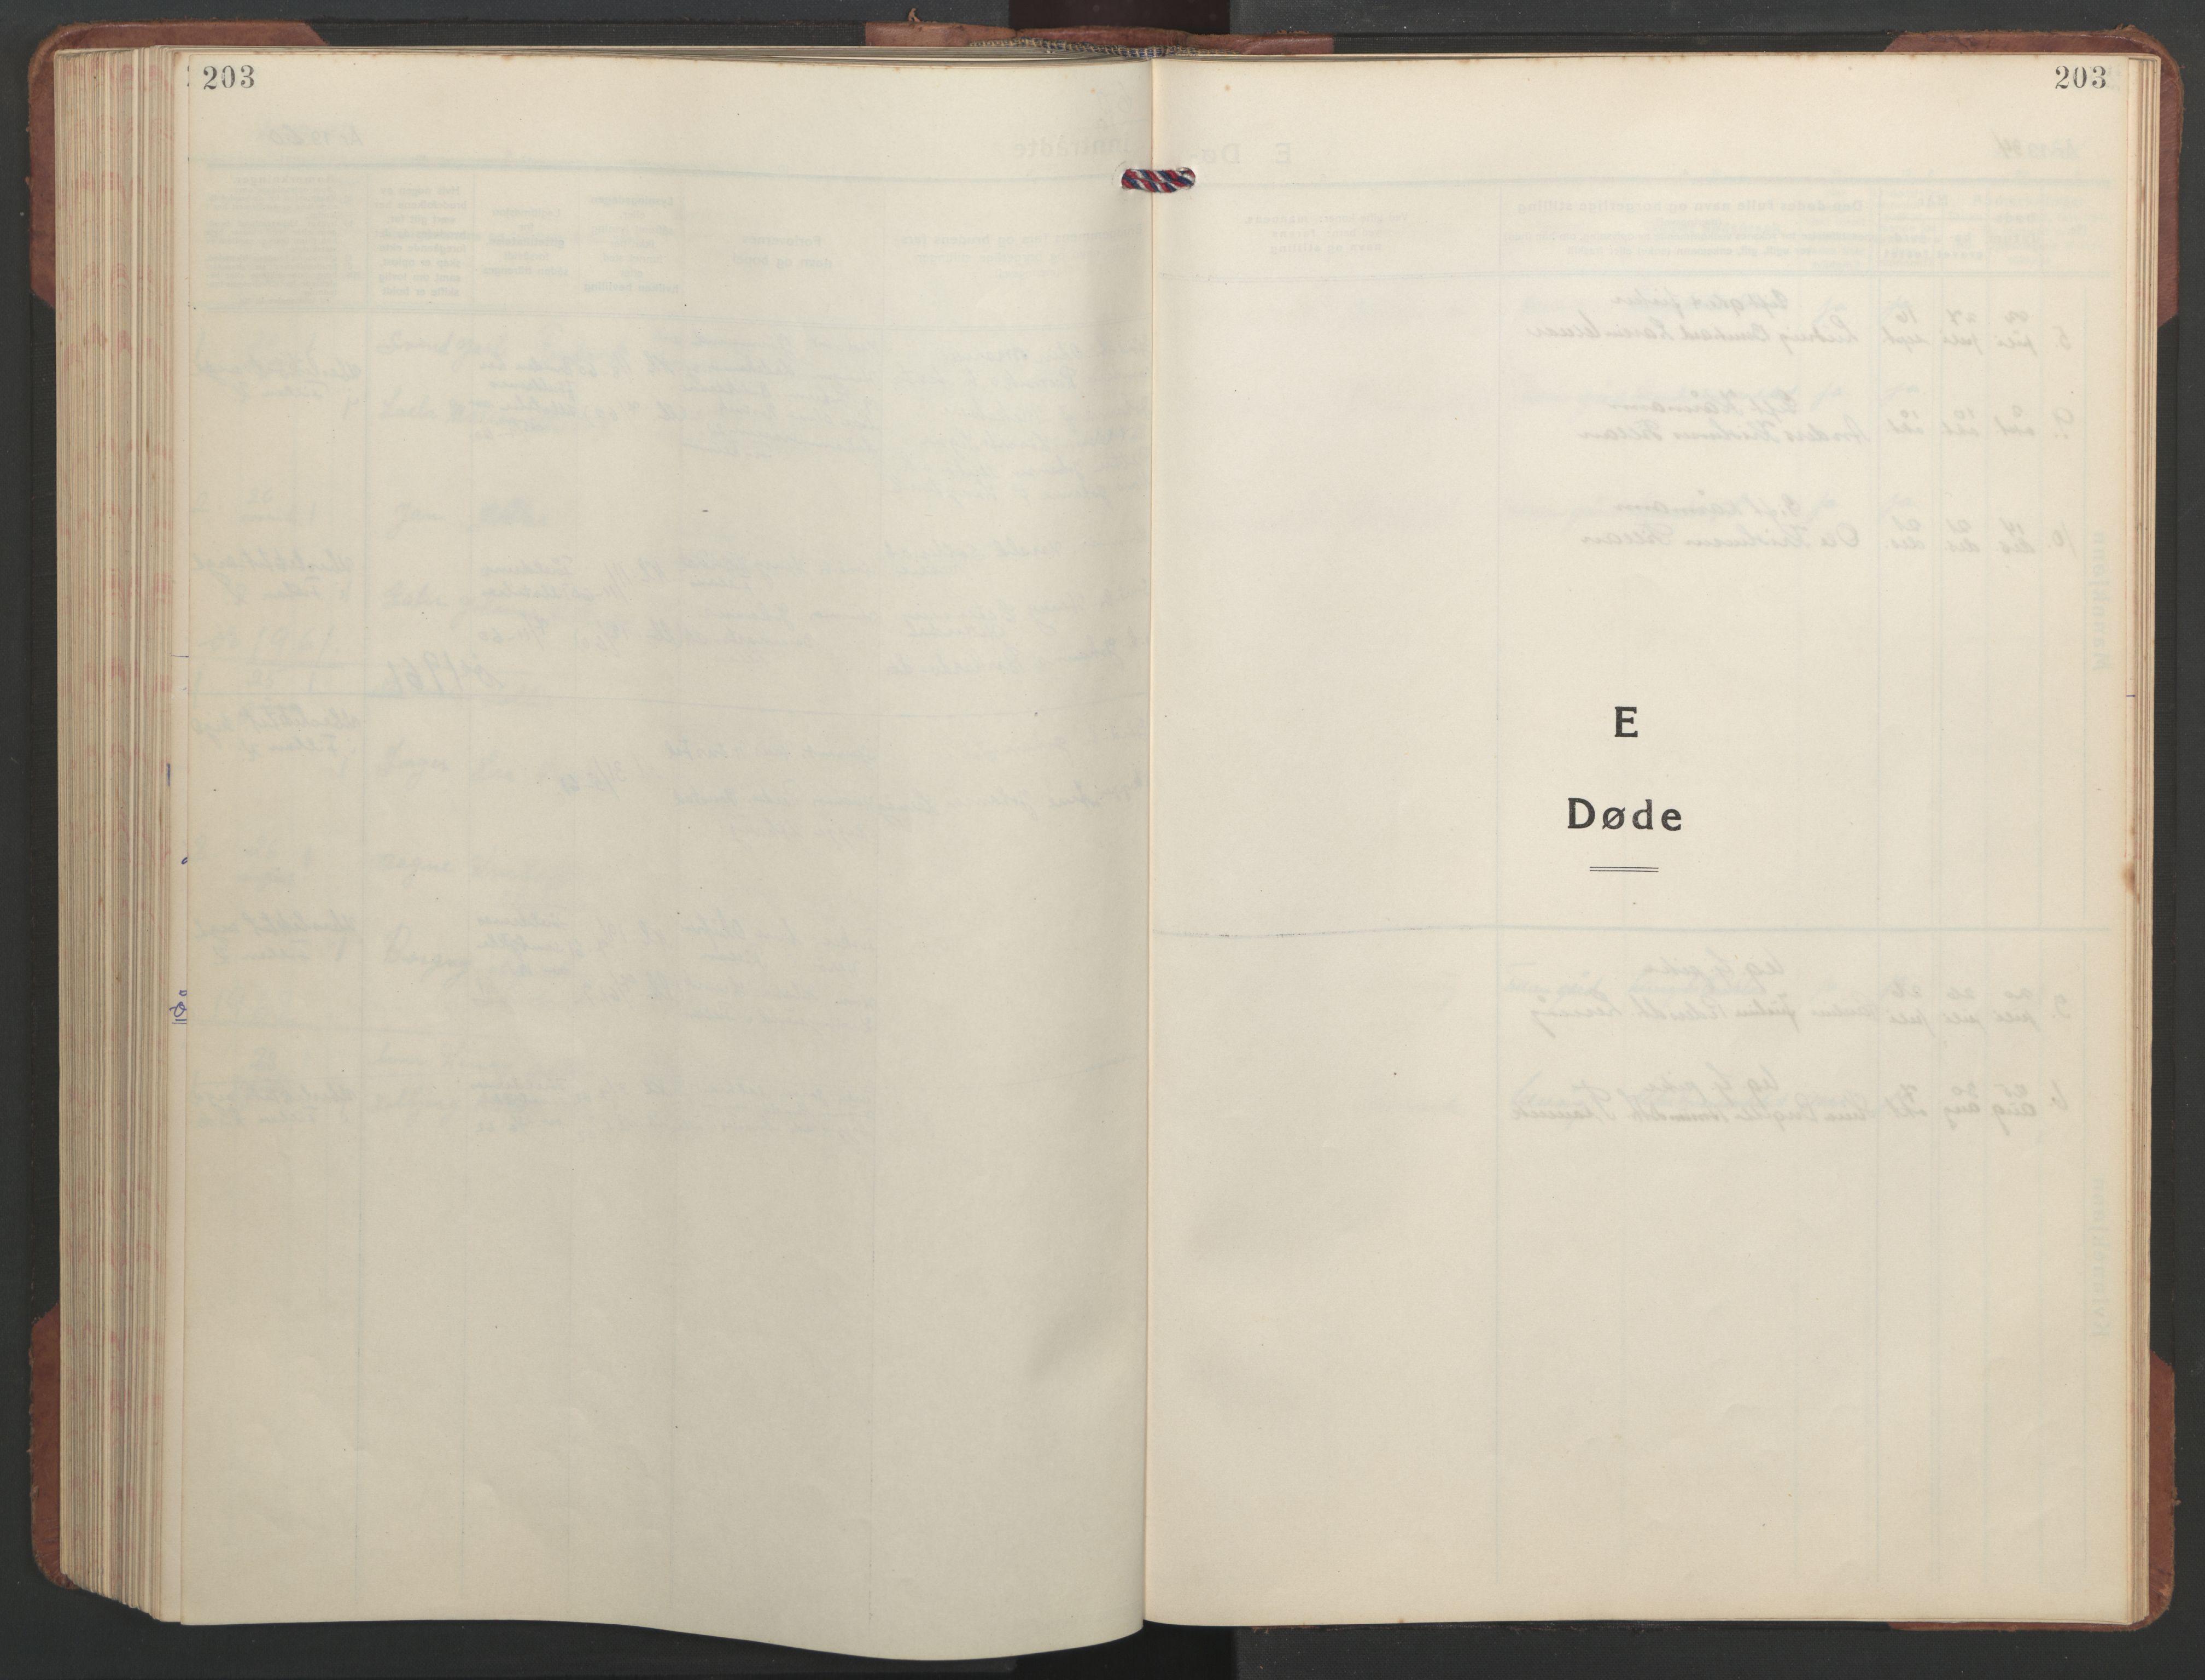 SAT, Ministerialprotokoller, klokkerbøker og fødselsregistre - Sør-Trøndelag, 637/L0564: Klokkerbok nr. 637C05, 1928-1968, s. 203